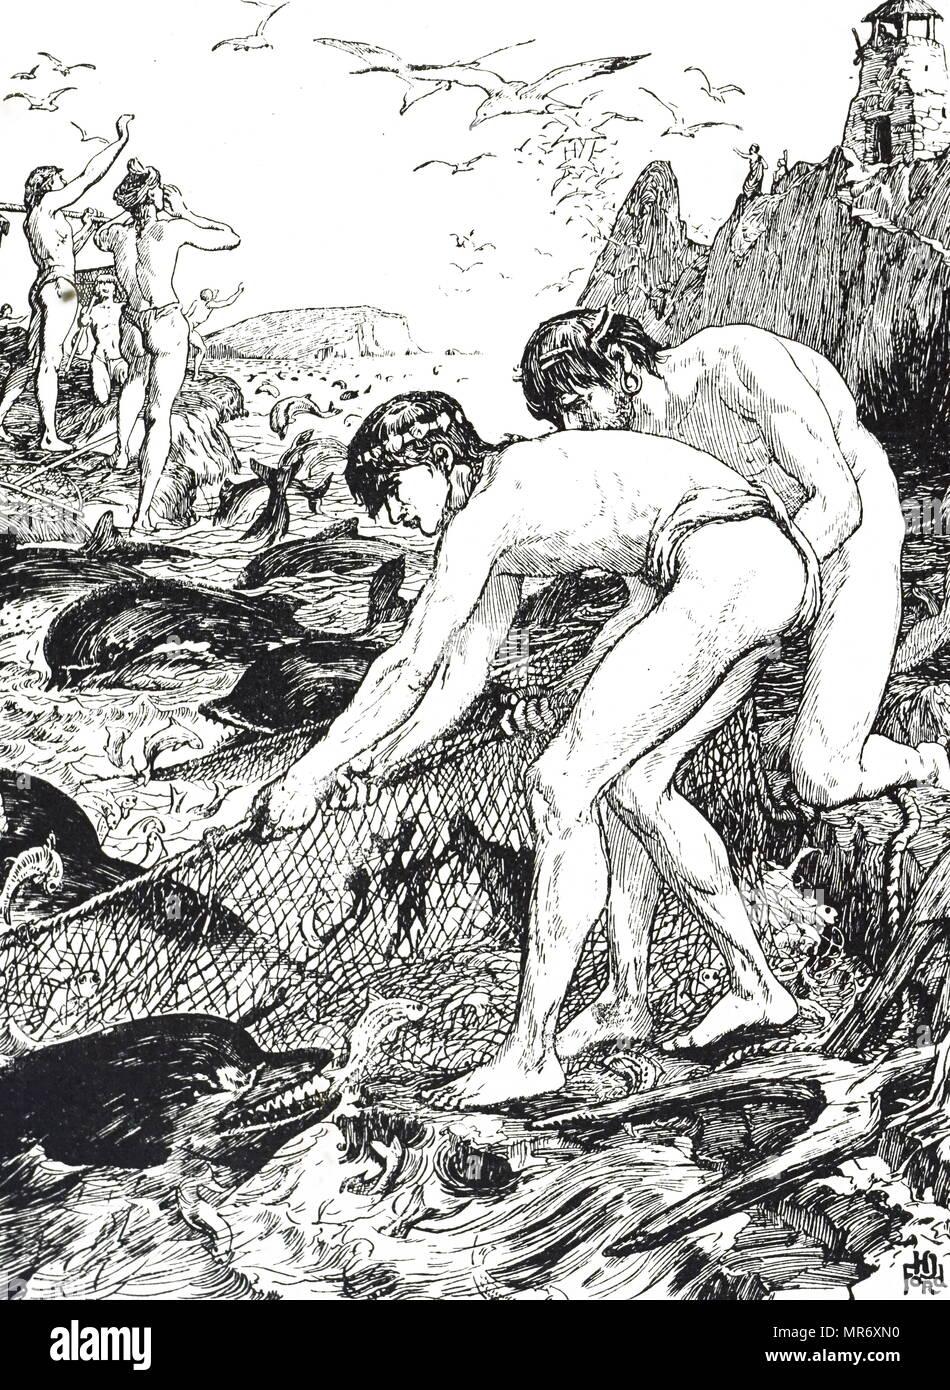 Quallen Abbildung: 1896 von Richard Lydekker. Quallen sind weiche Körper, frei-Schwimmen Wassertiere mit einer Gelatineartige regenschirm-förmige Bell und nachgestellte Tentakel Stockfoto